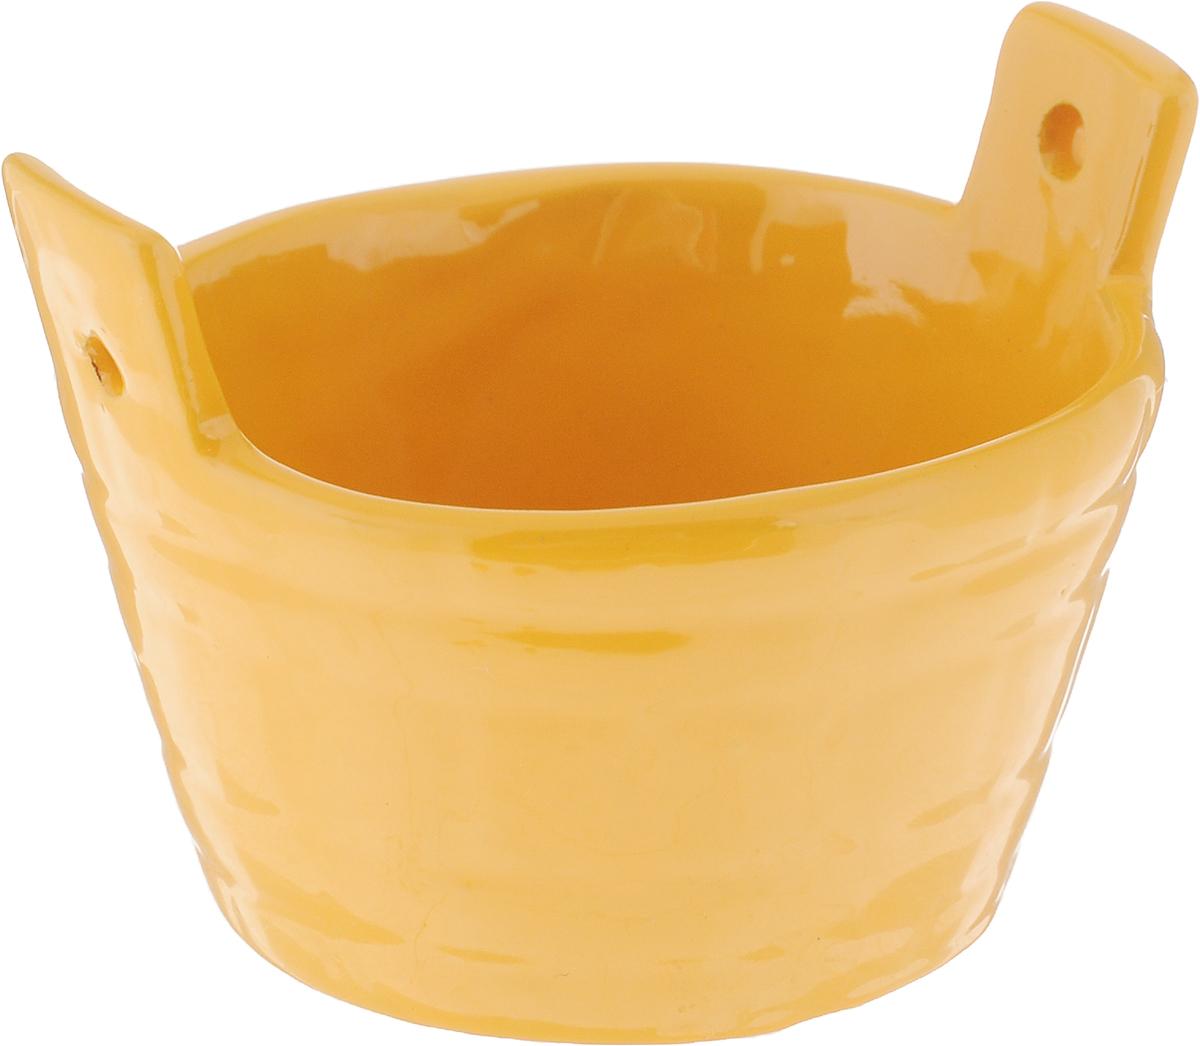 Солонка Борисовская керамика Ушат, цвет: горчичный, 50 млОБЧ00000575_горчичныйСолонка Борисовская керамика Ушат, изготовленная изглазурованной керамики, имеет оригинальный форму.Изделие подойдет для хранения соли и специй, а также дляподачи на стол варенья или меда. Можно использовать в СВЧ печи и духовом шкафу. Размер солонки: 7,3 х 6 х 5,5 см.